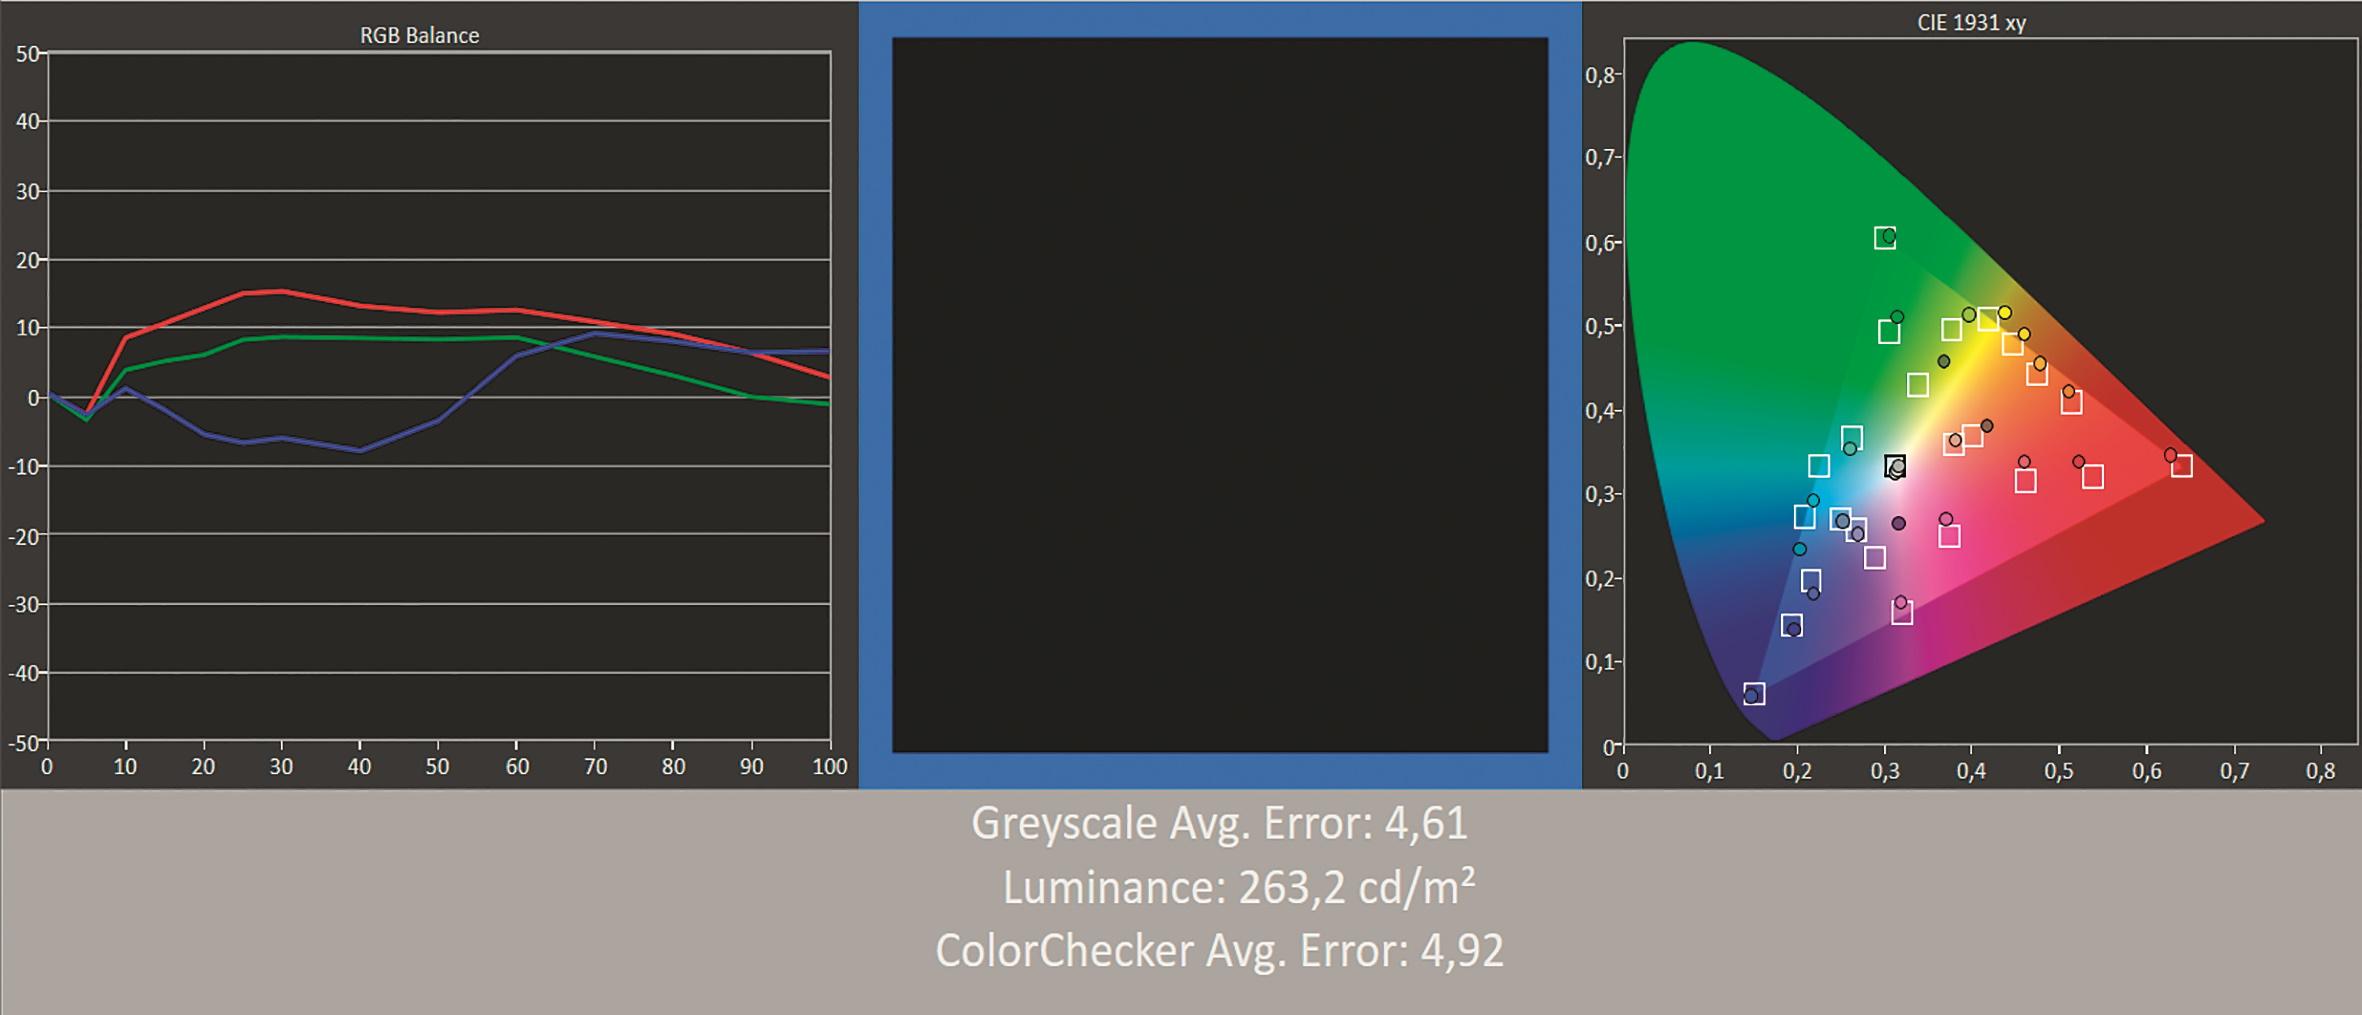 Um das Ganze auf die Spitze zu treiben, haben wir mit dem SpyderX Pro versucht, an einem LG OLED TV den Rec. 709 nachzumessen, der von uns perfekt kalibriert war.